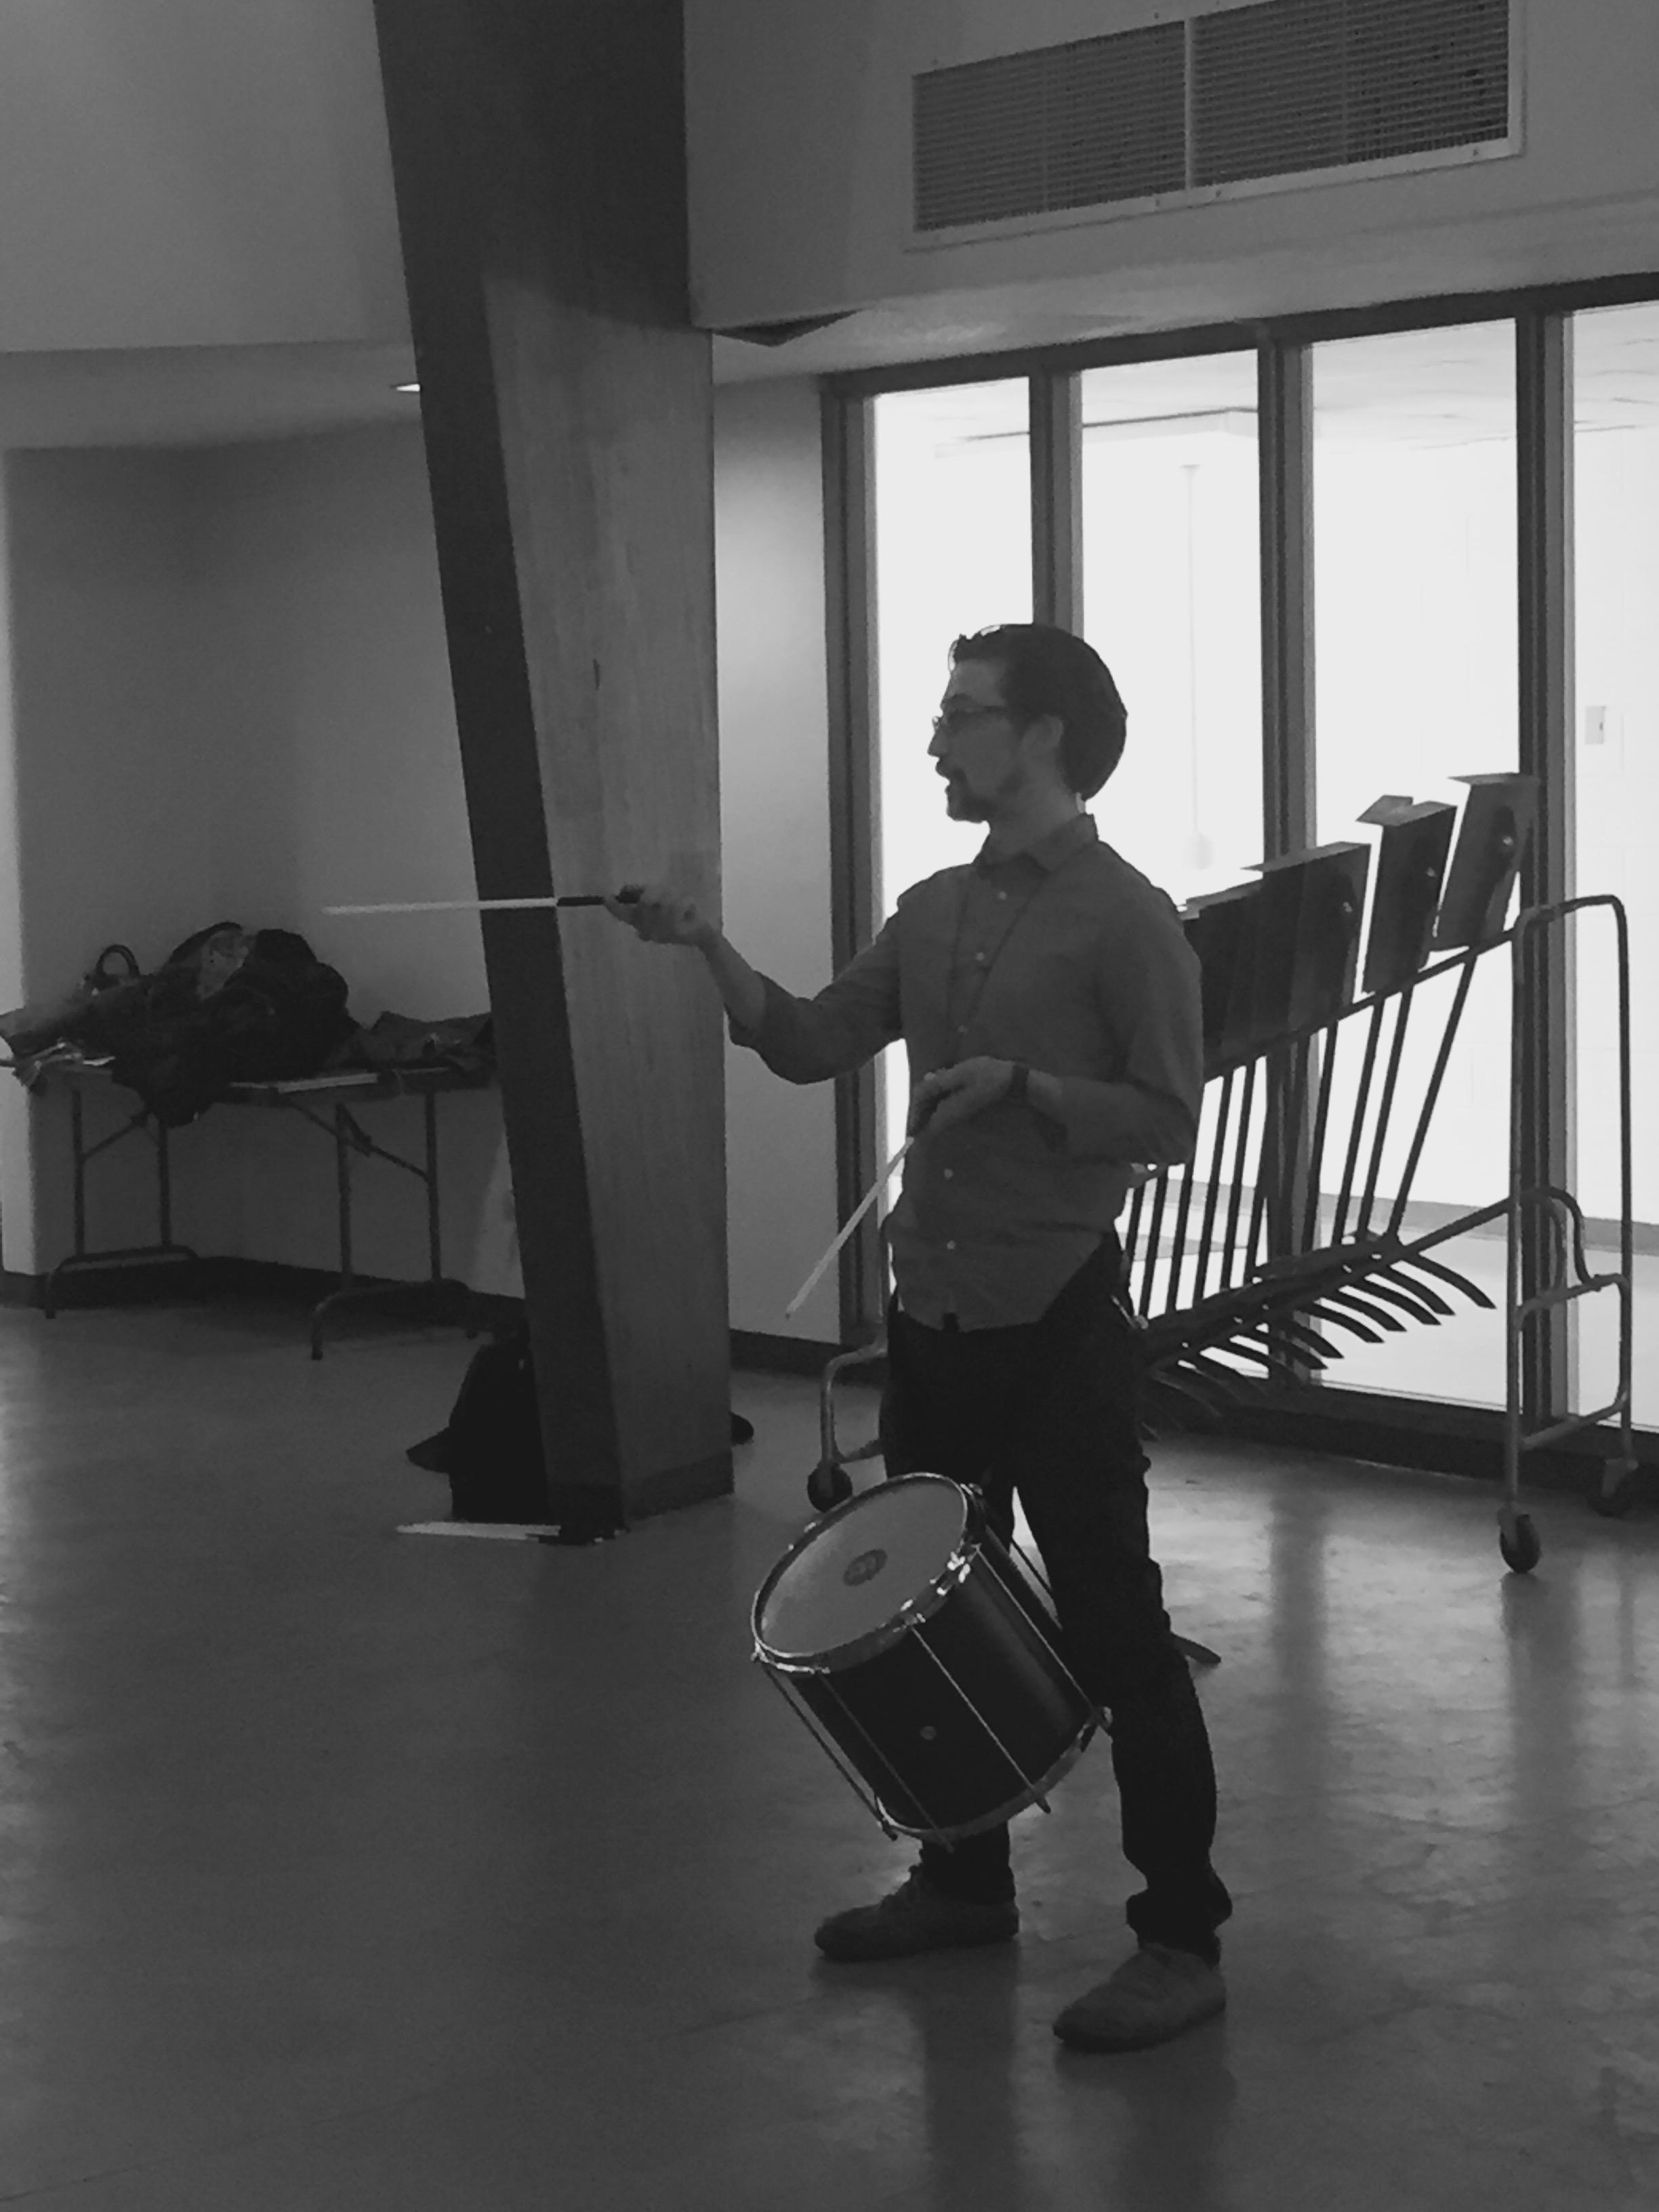 Dan teaching samba reggae at BGSU.